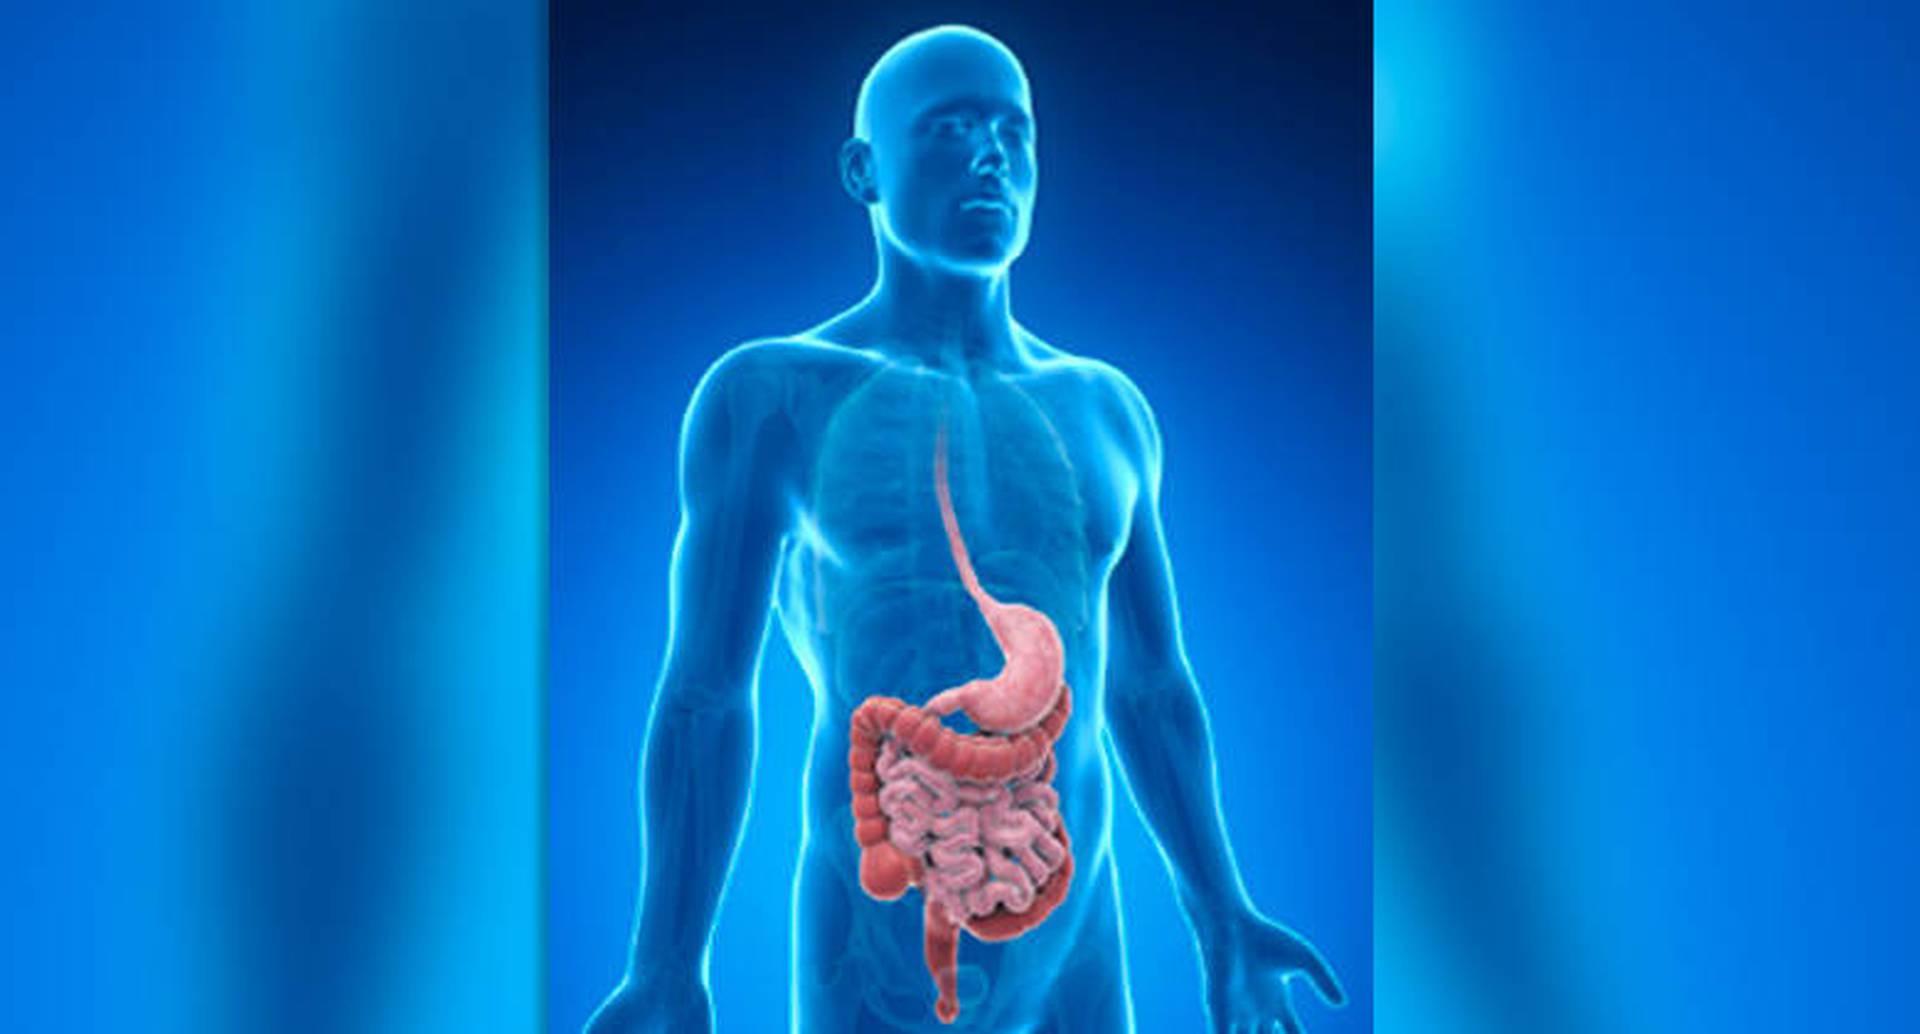 El actor estadounidense Chadwick Boseman perdió la batalla contra el cáncer de colon